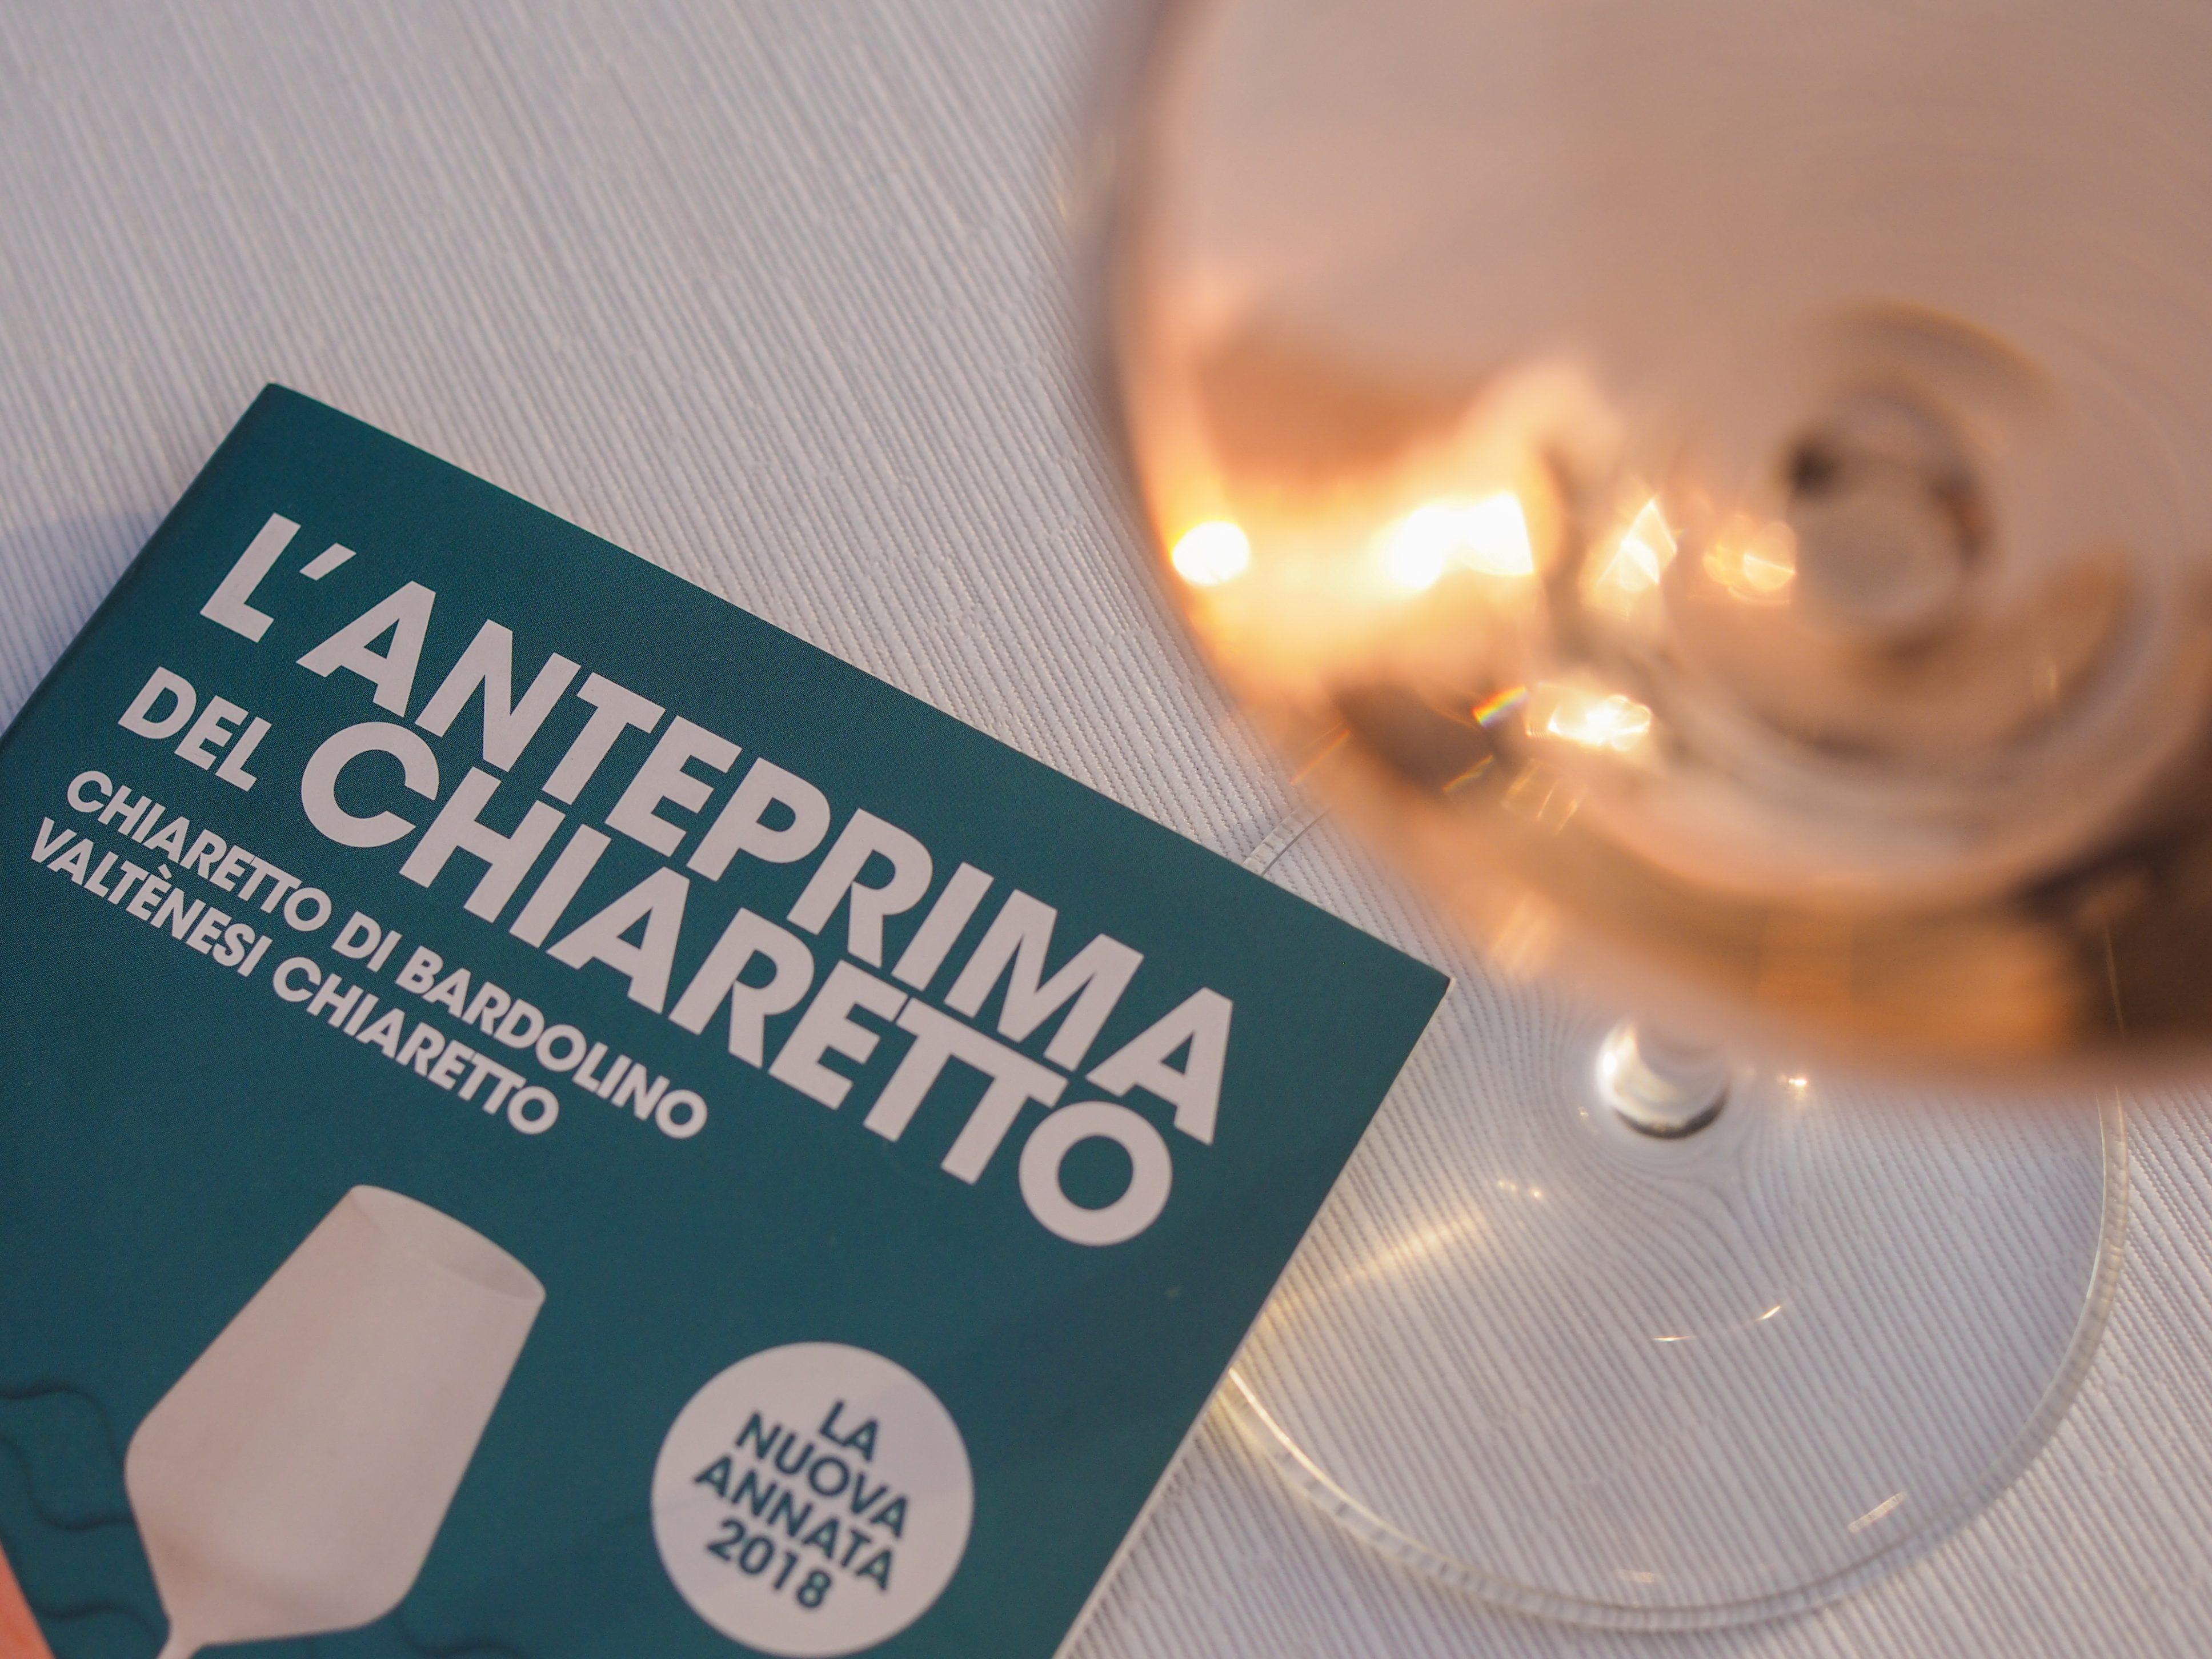 Anteprima Chiaretto 2019